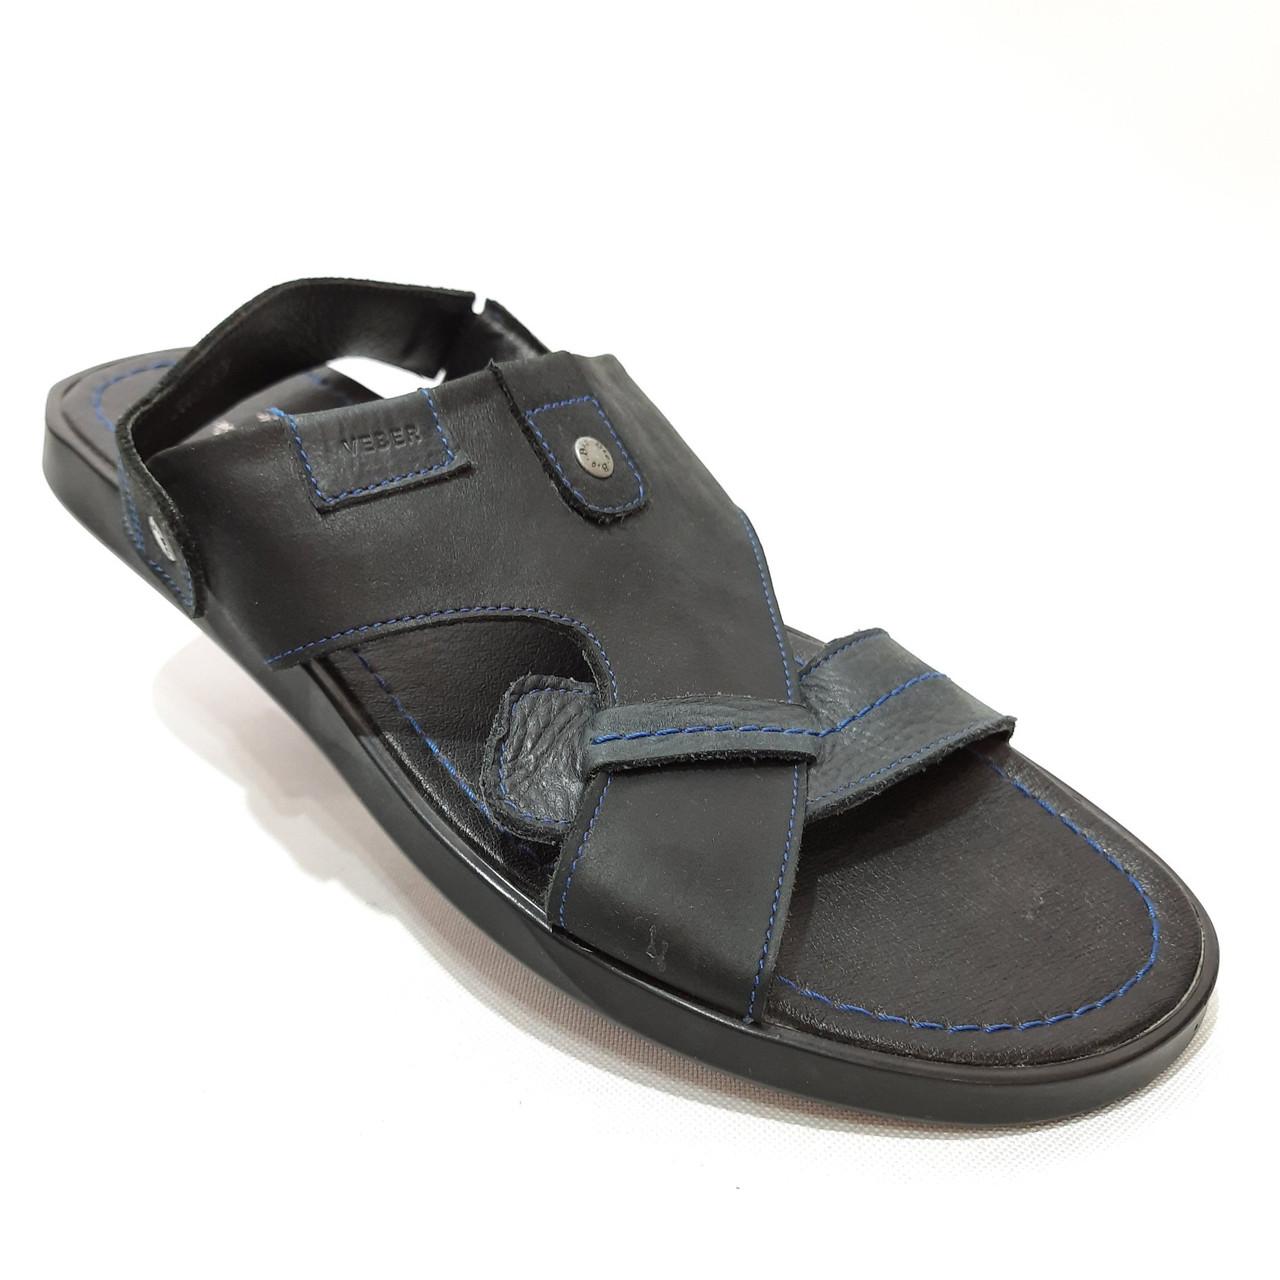 Мужские кожаные сандалии  р. 41, 44